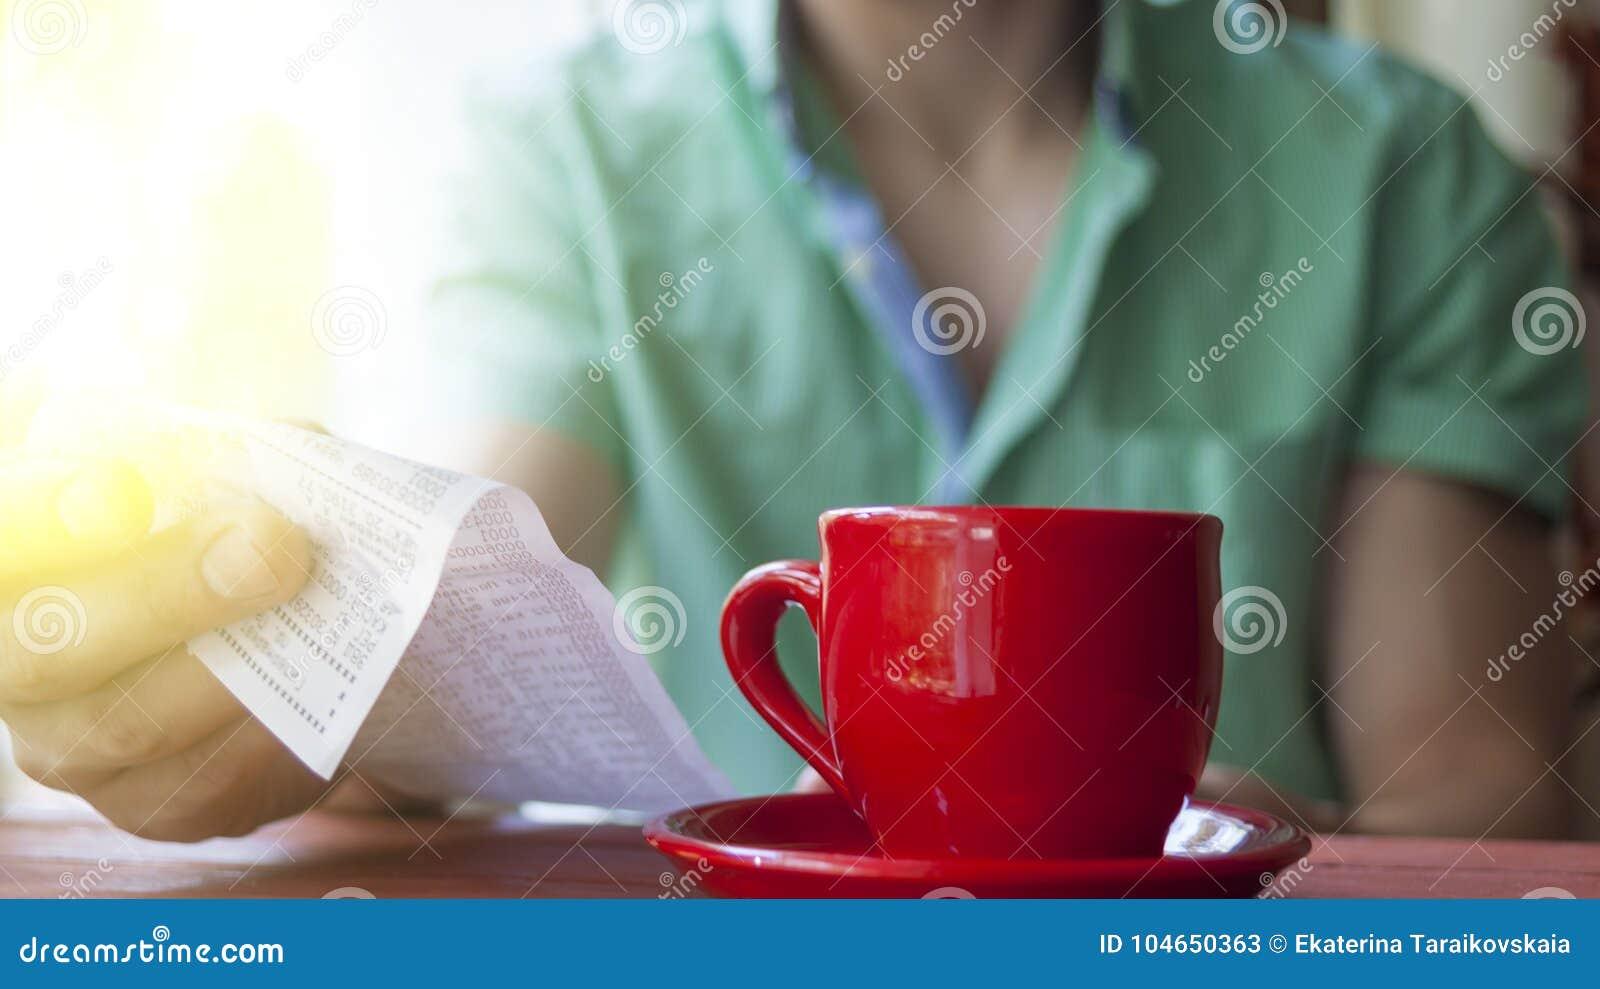 Ένας νεαρός άνδρας εξετάζει το λογαριασμό σε έναν καφέ σε ένα ηλιόλουστο θερινό πρωί